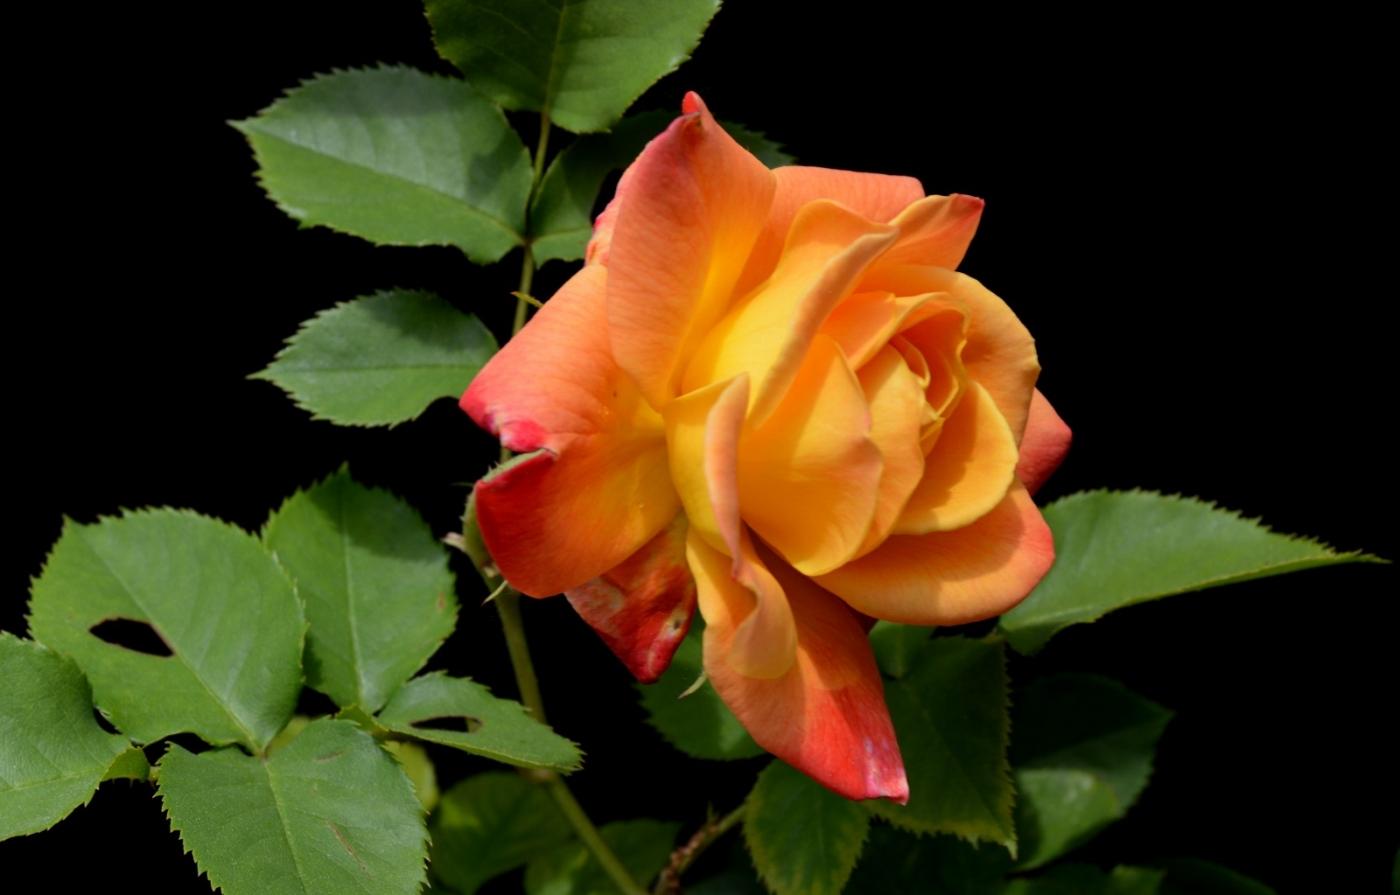 再拍玫瑰_图1-29